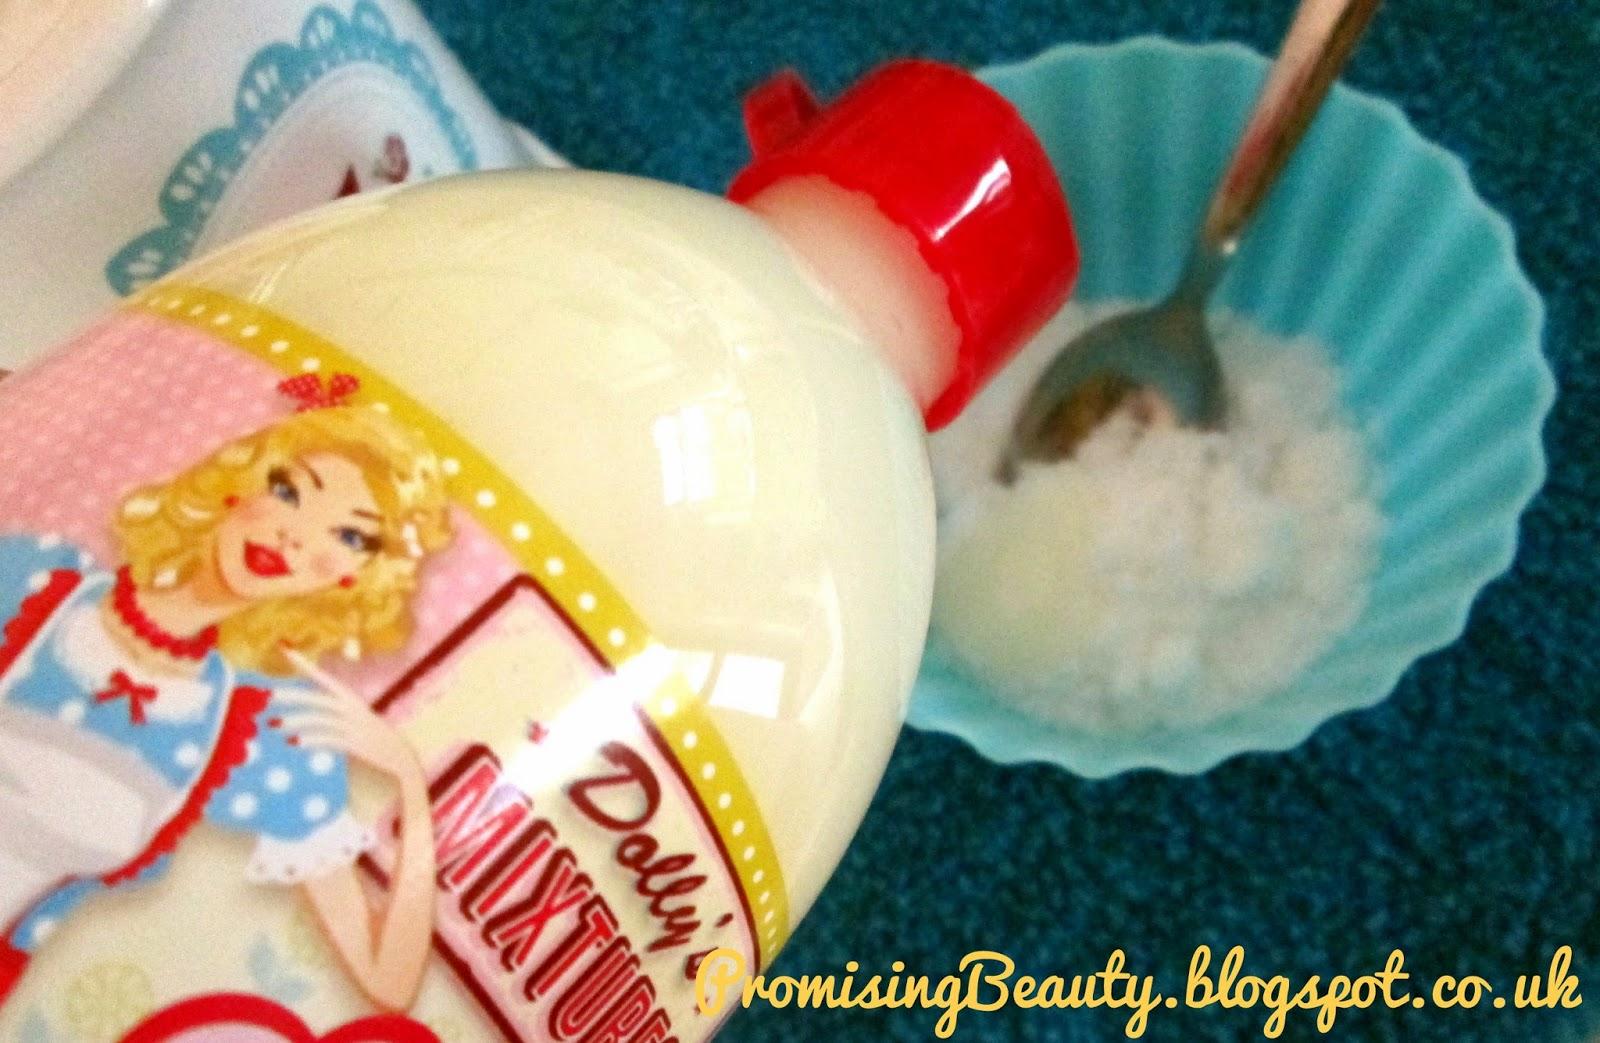 Dollys mixtures, sugar, DIY body scrub